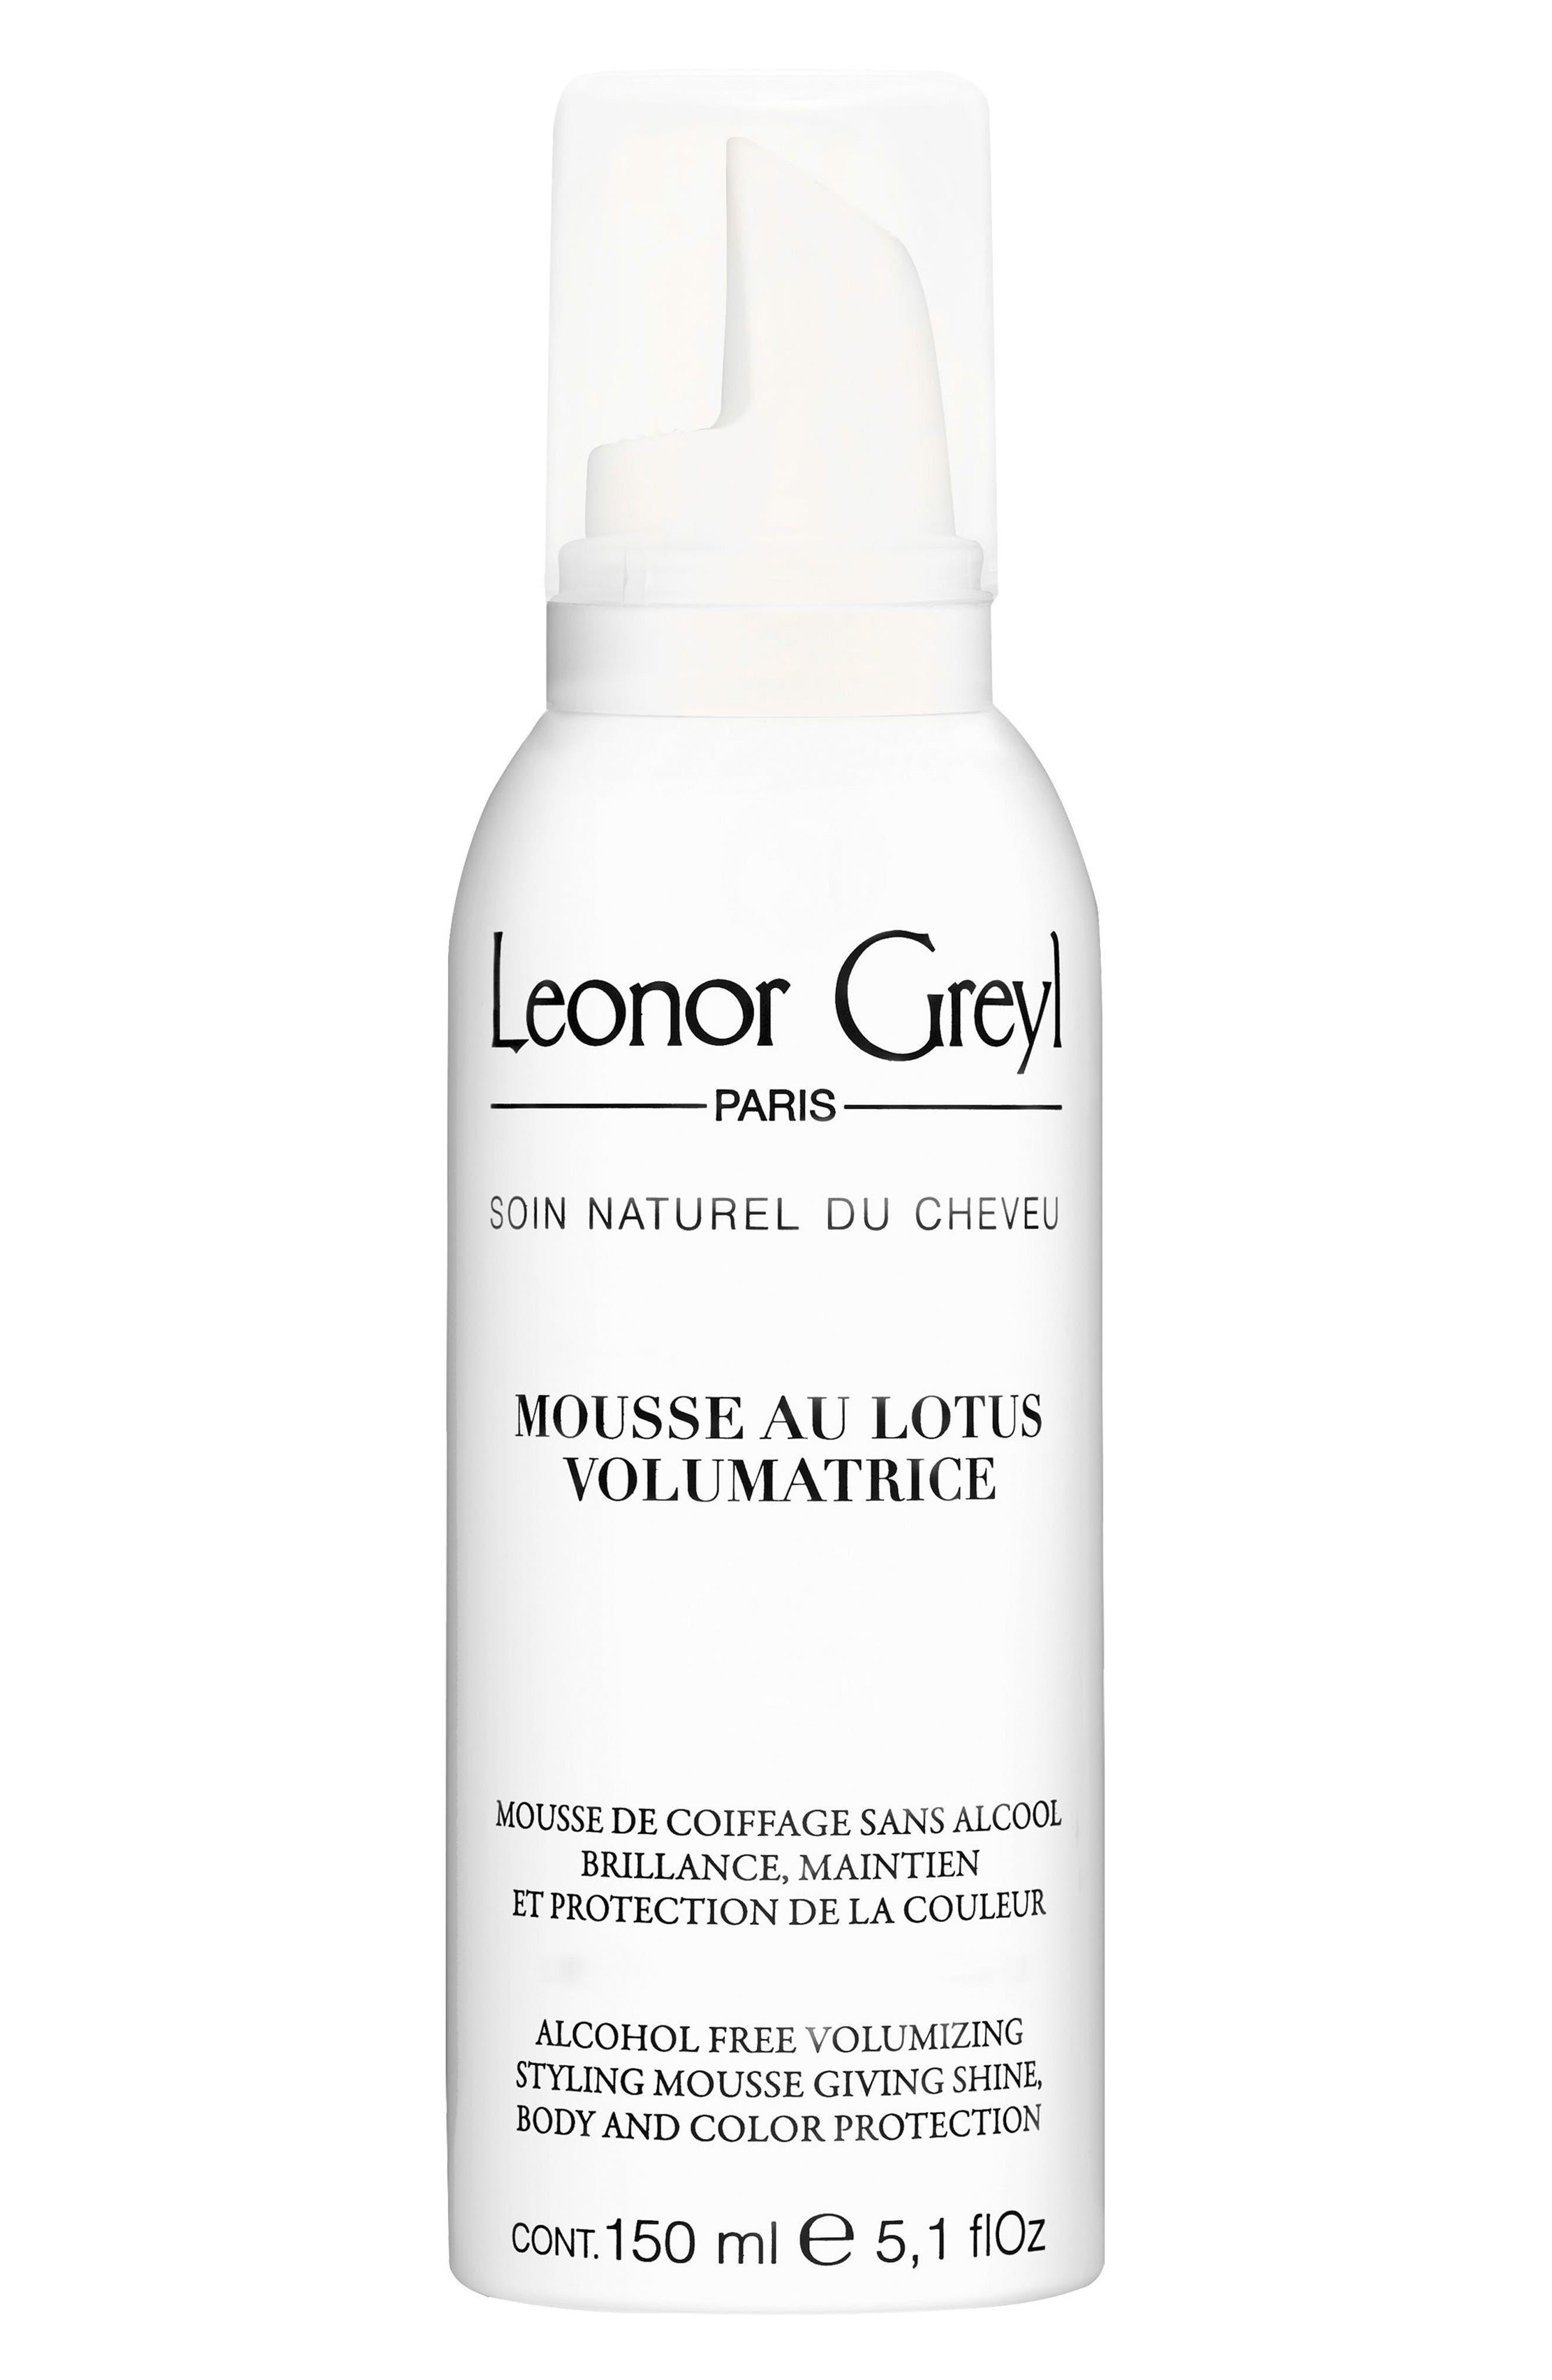 LEONOR GREYL Mousse Au Lotus Volumatrice (Volumizing Styling Mousse), 5.1 Oz./ 150 Ml